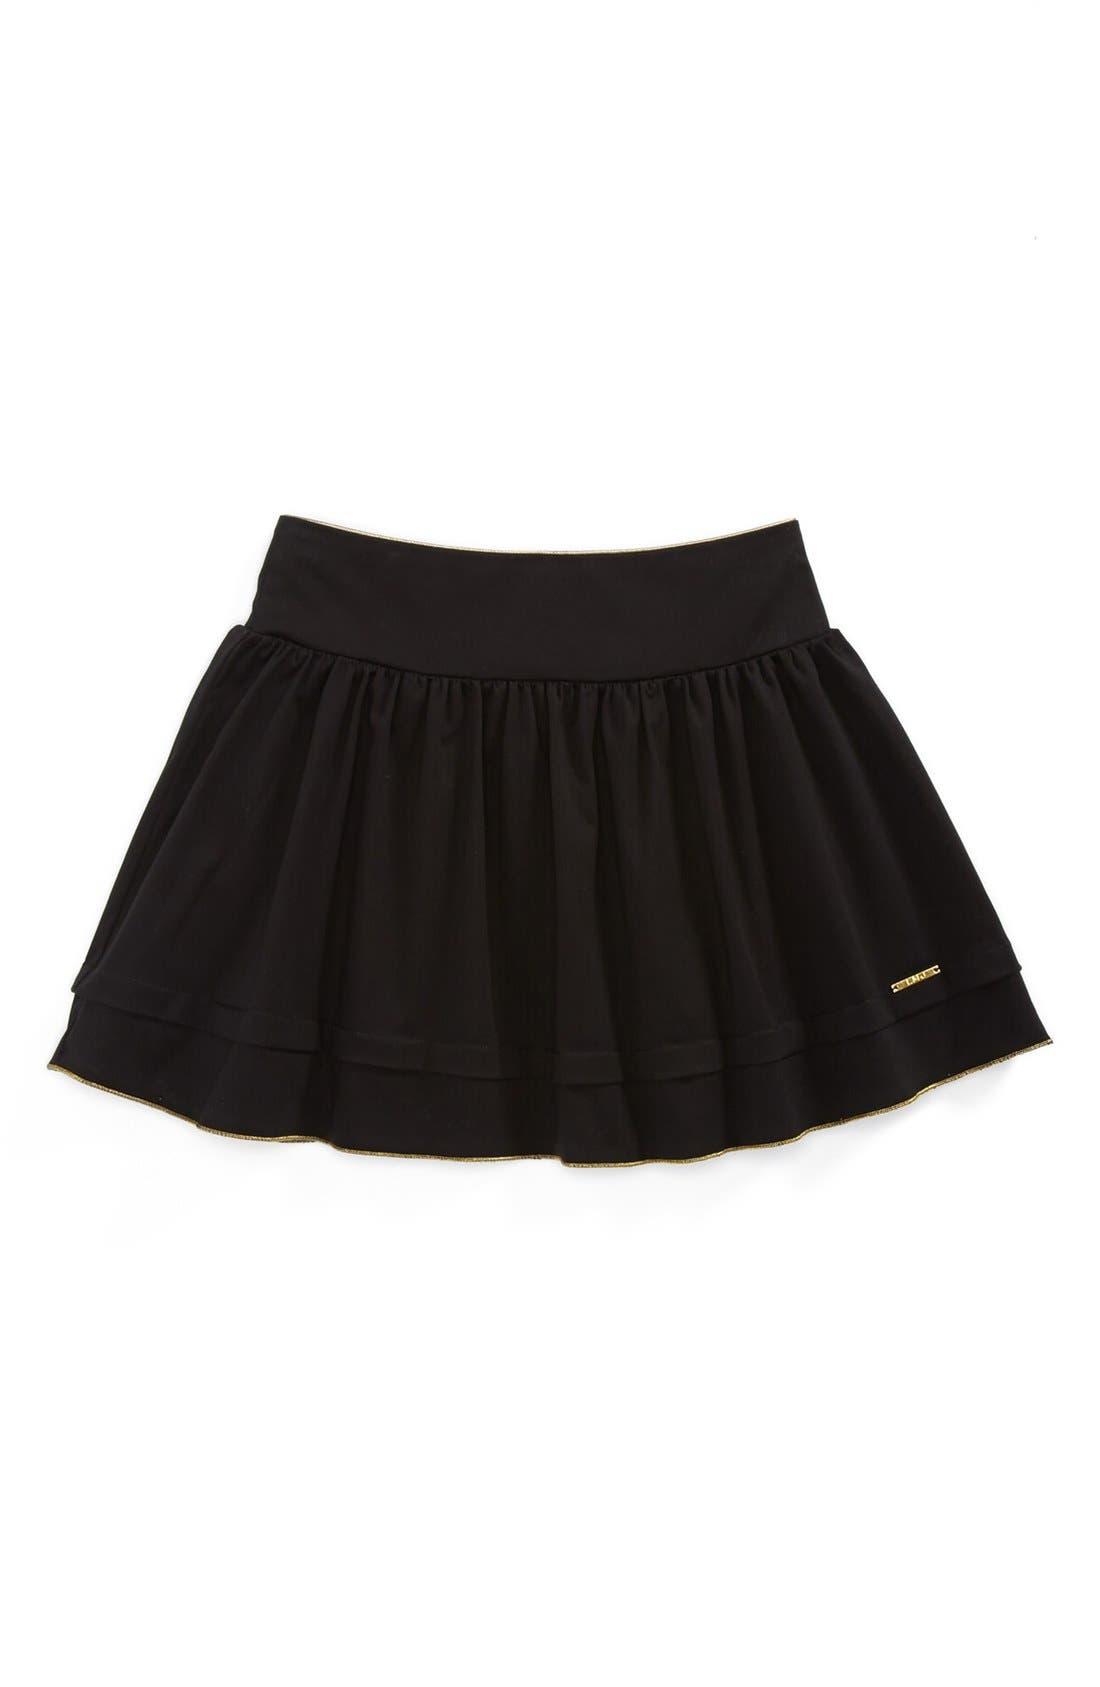 Alternate Image 1 Selected - LITTLE MARC JACOBS Skirt (Toddler Girls, Little Girls & Big Girls)